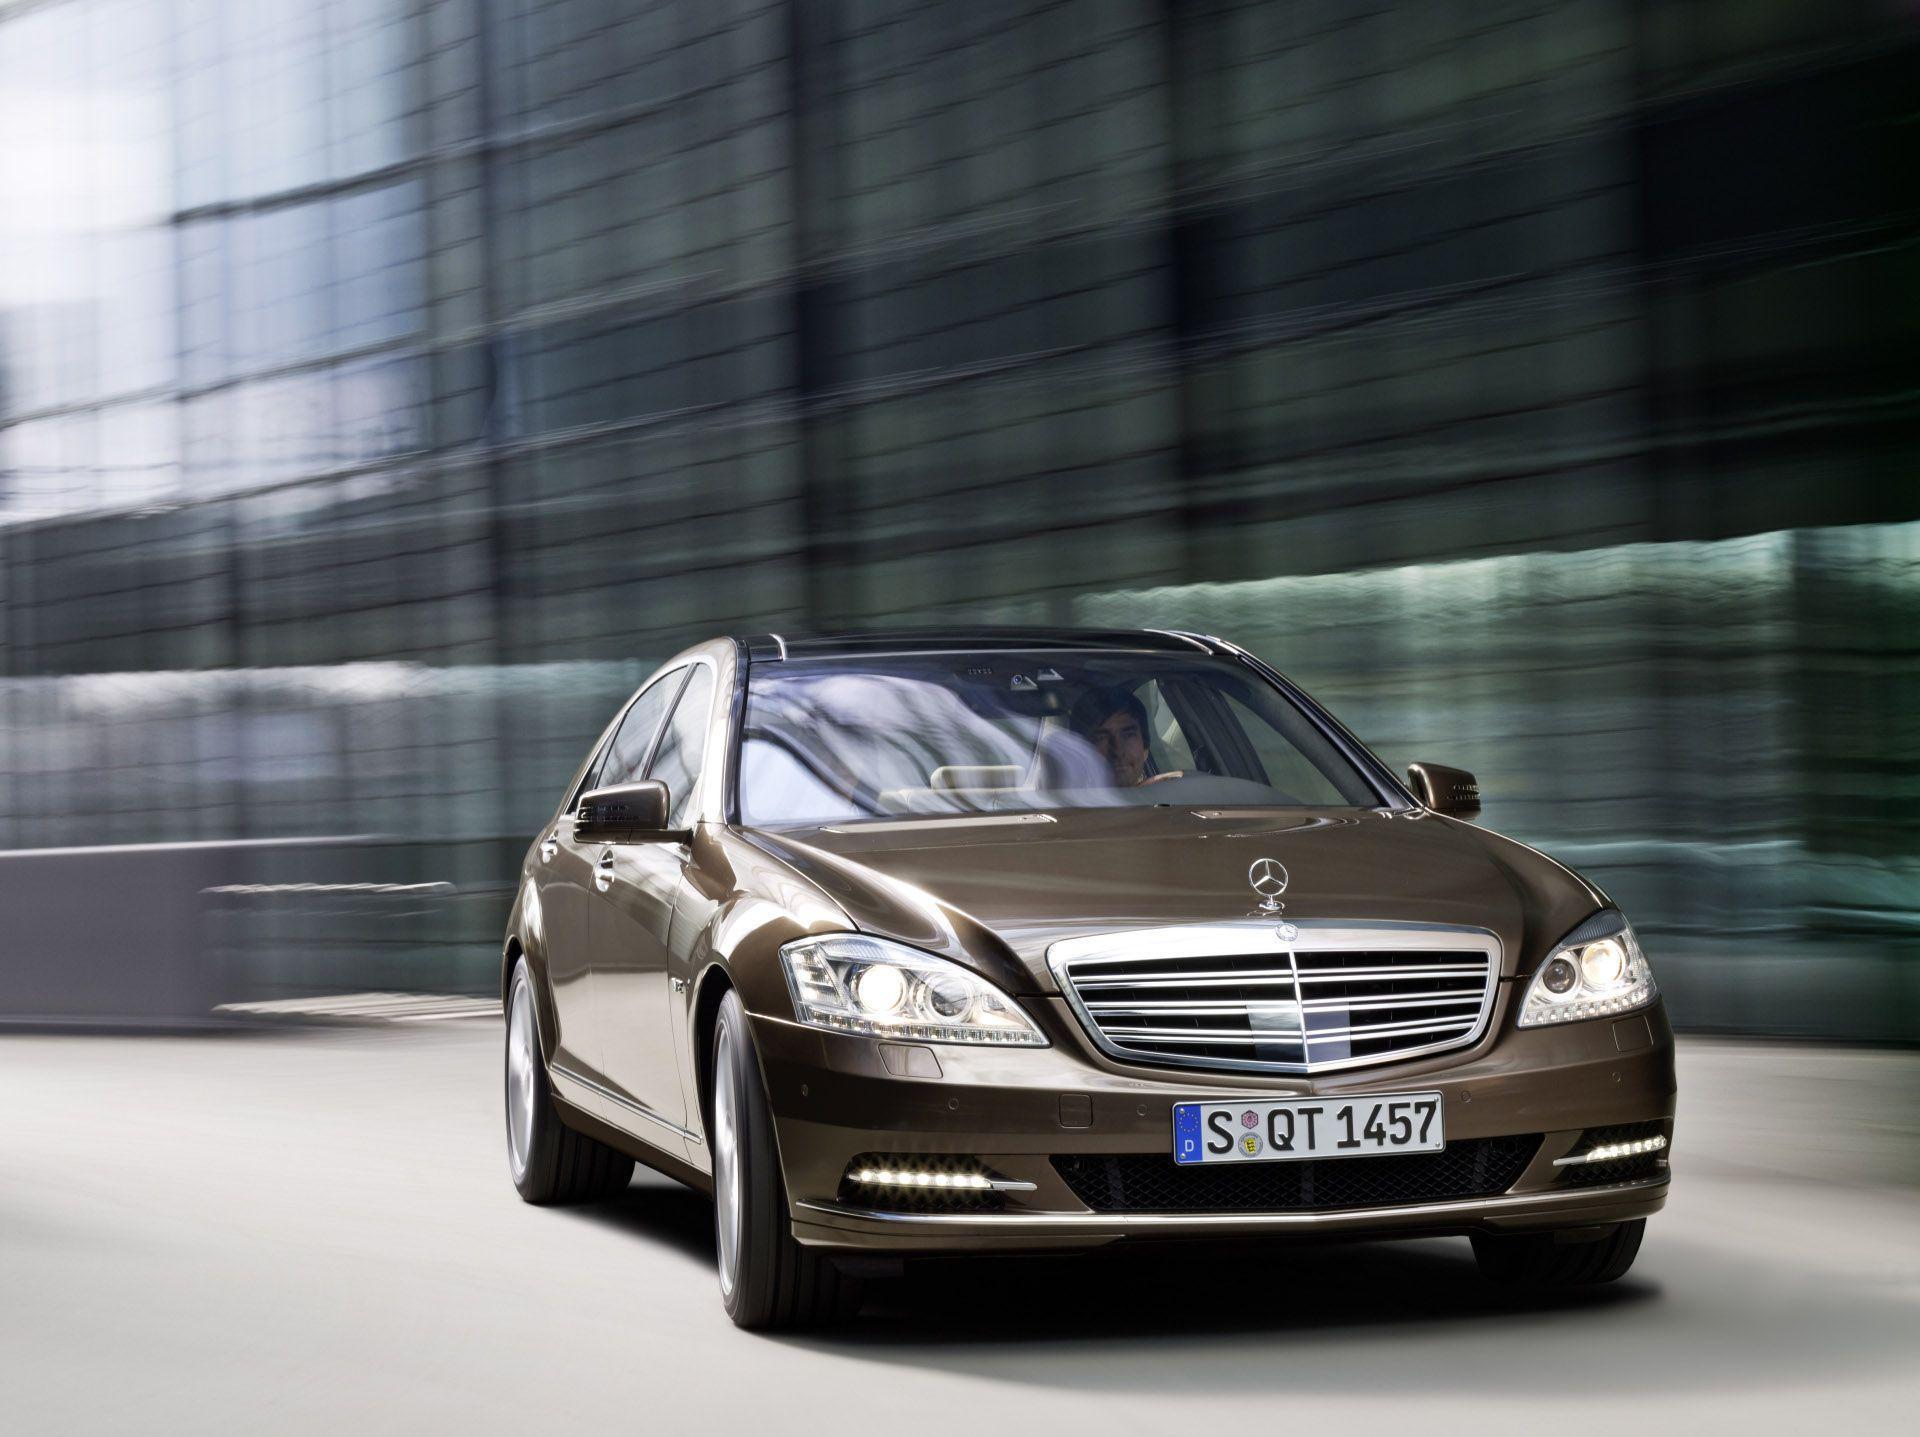 Mercedes Benz S Class High Definition Wallpapers